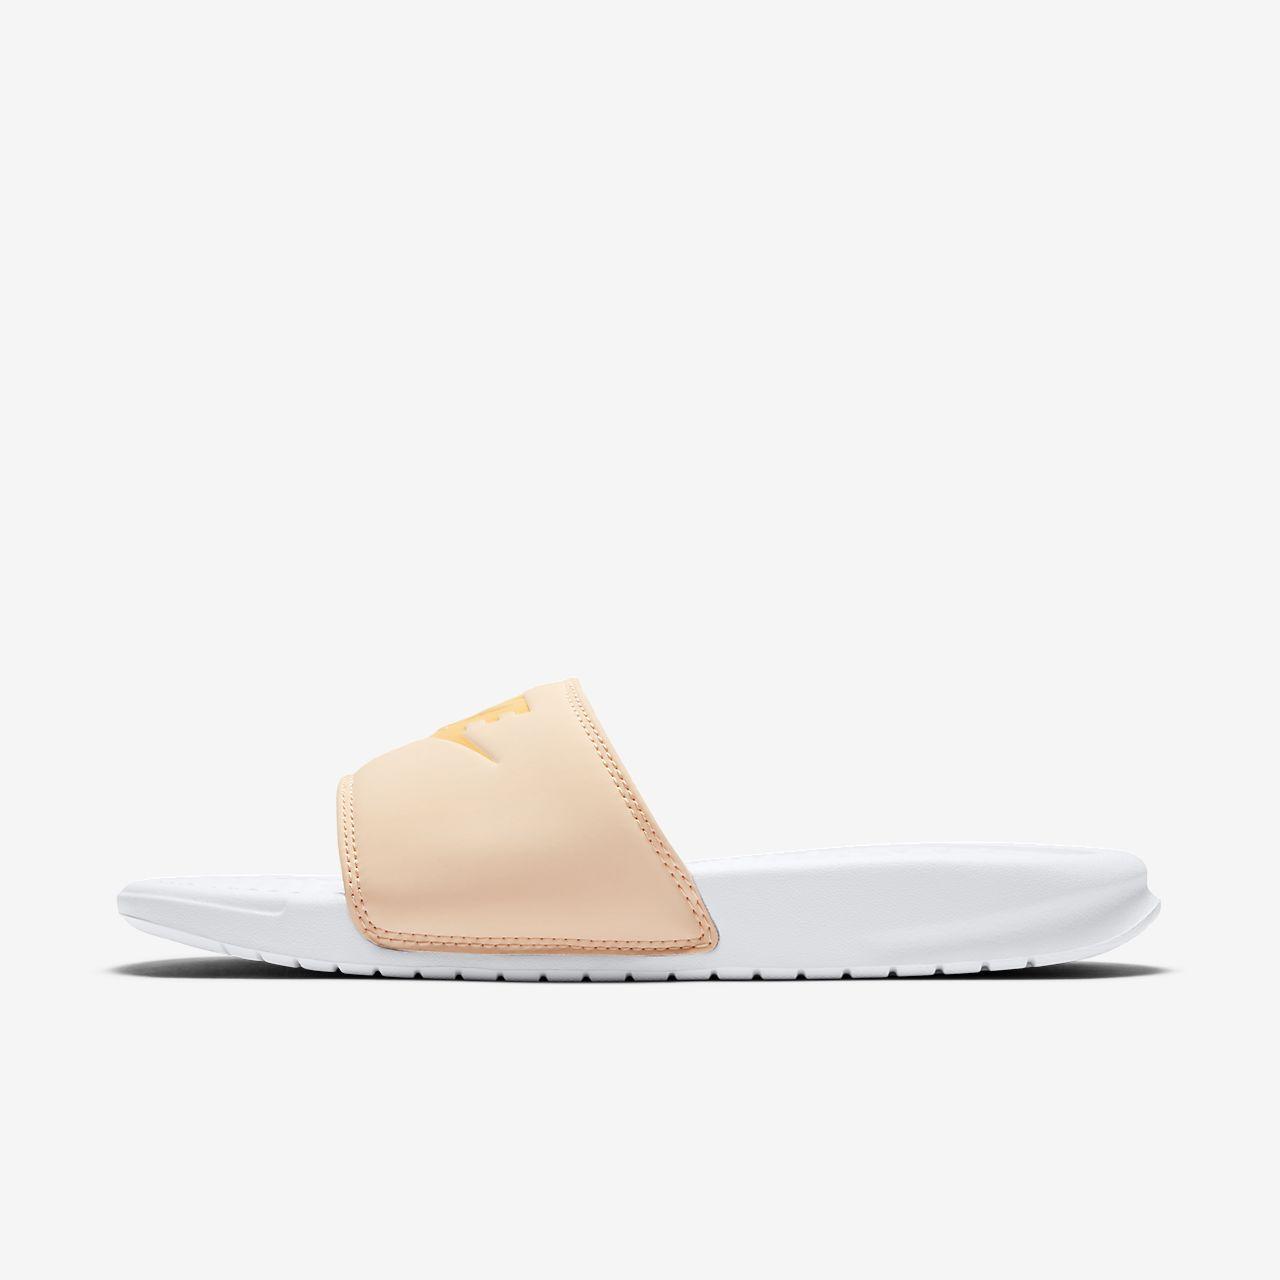 timeless design 6861c 37189 ... Badtoffel Nike Benassi Pastel QS för kvinnor